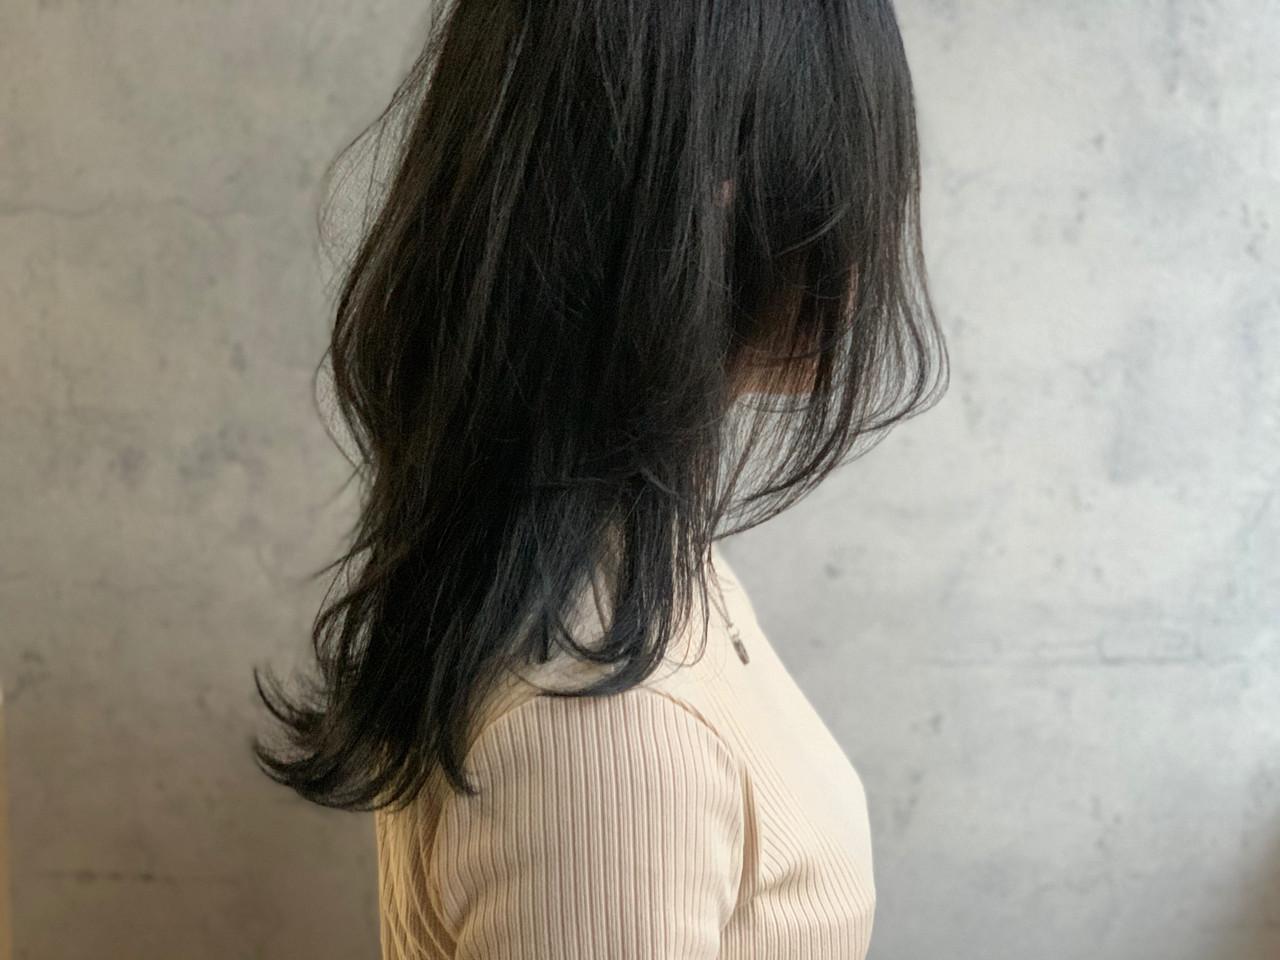 ハイレイヤー×ロングのヘアスタイルまとめ|ロングなのに重くなくて色っぽ♡